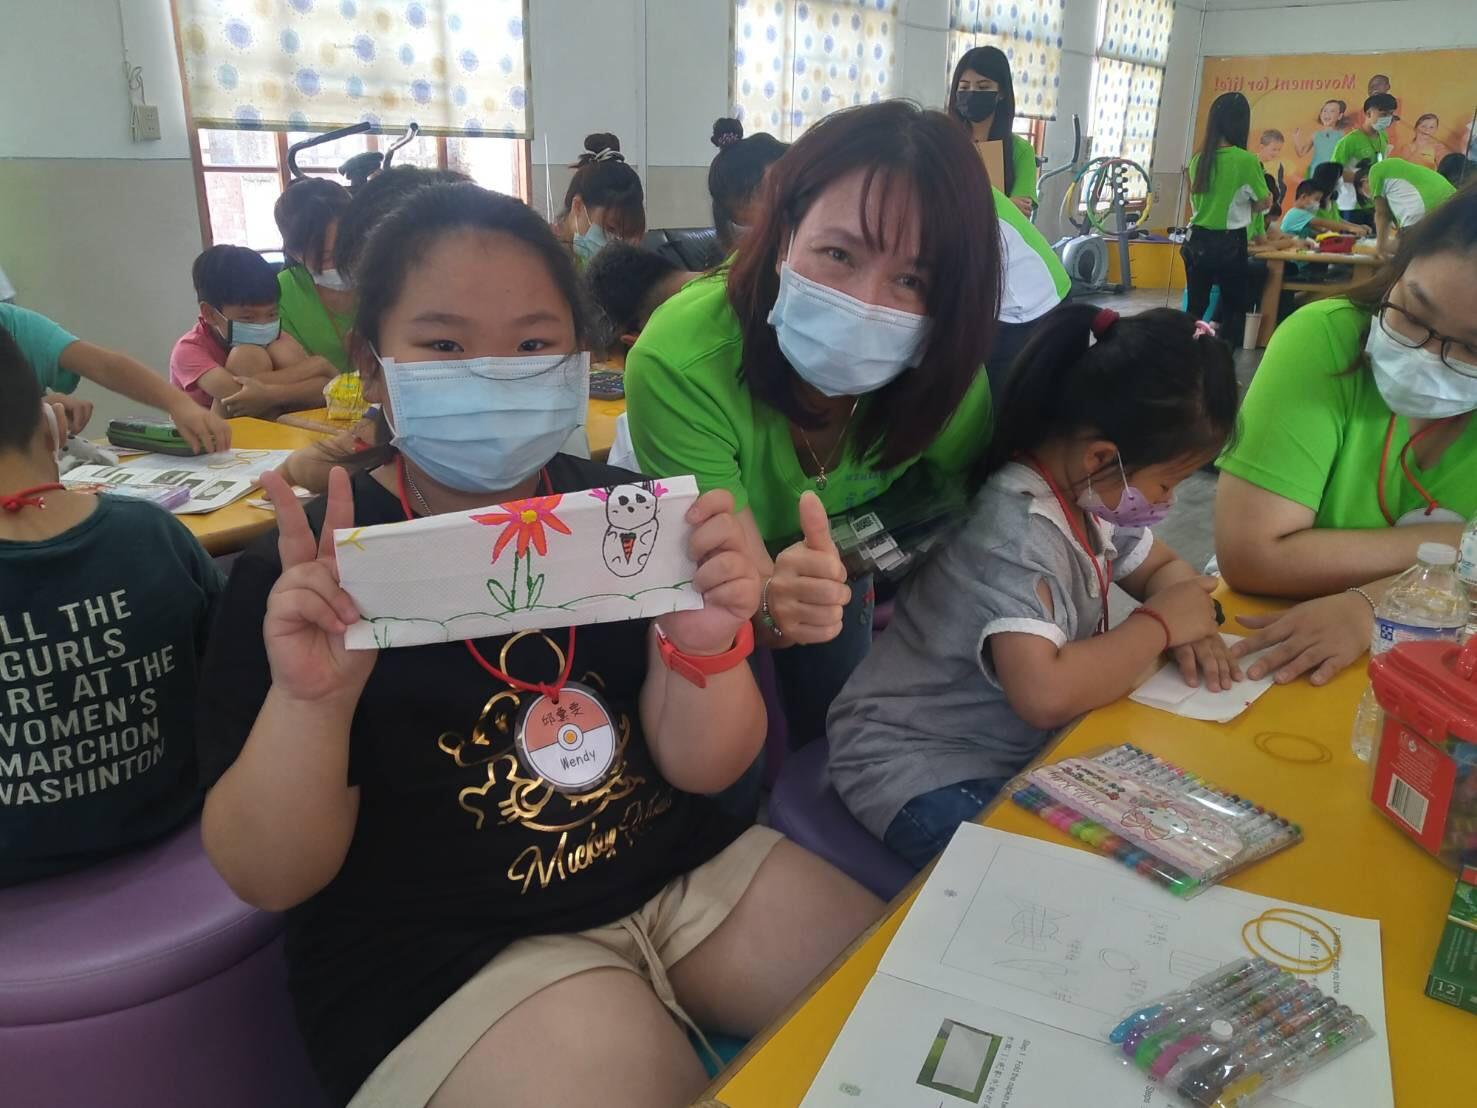 07/03/2020 愛,在柬埔寨蔓延<br> 文藻USR國際志工線上英語教學,為柬國小學生開啟通往世界的窗